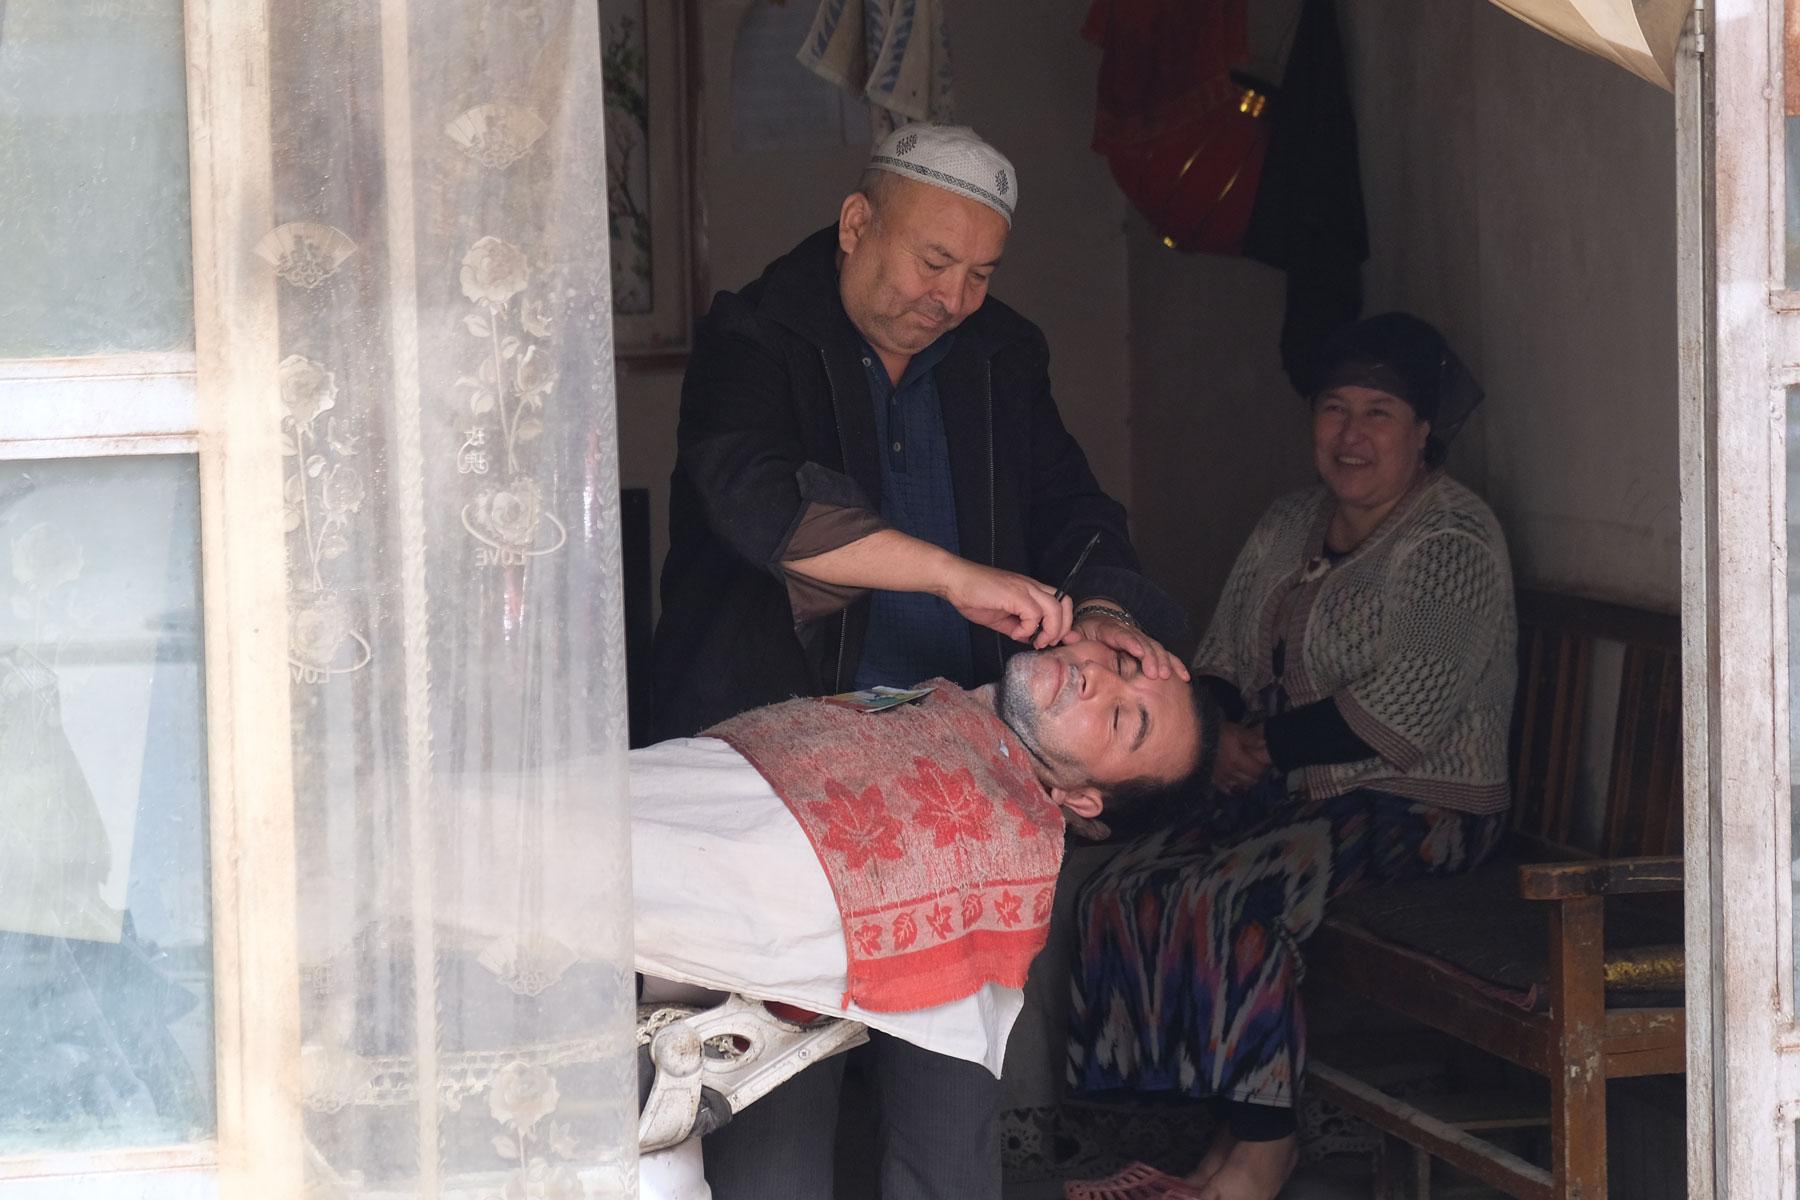 Etwas weiter wird mit scharfem Werkzeug hantiert. Hier braucht es gutes Vertrauen in die Künste des Barbiers.